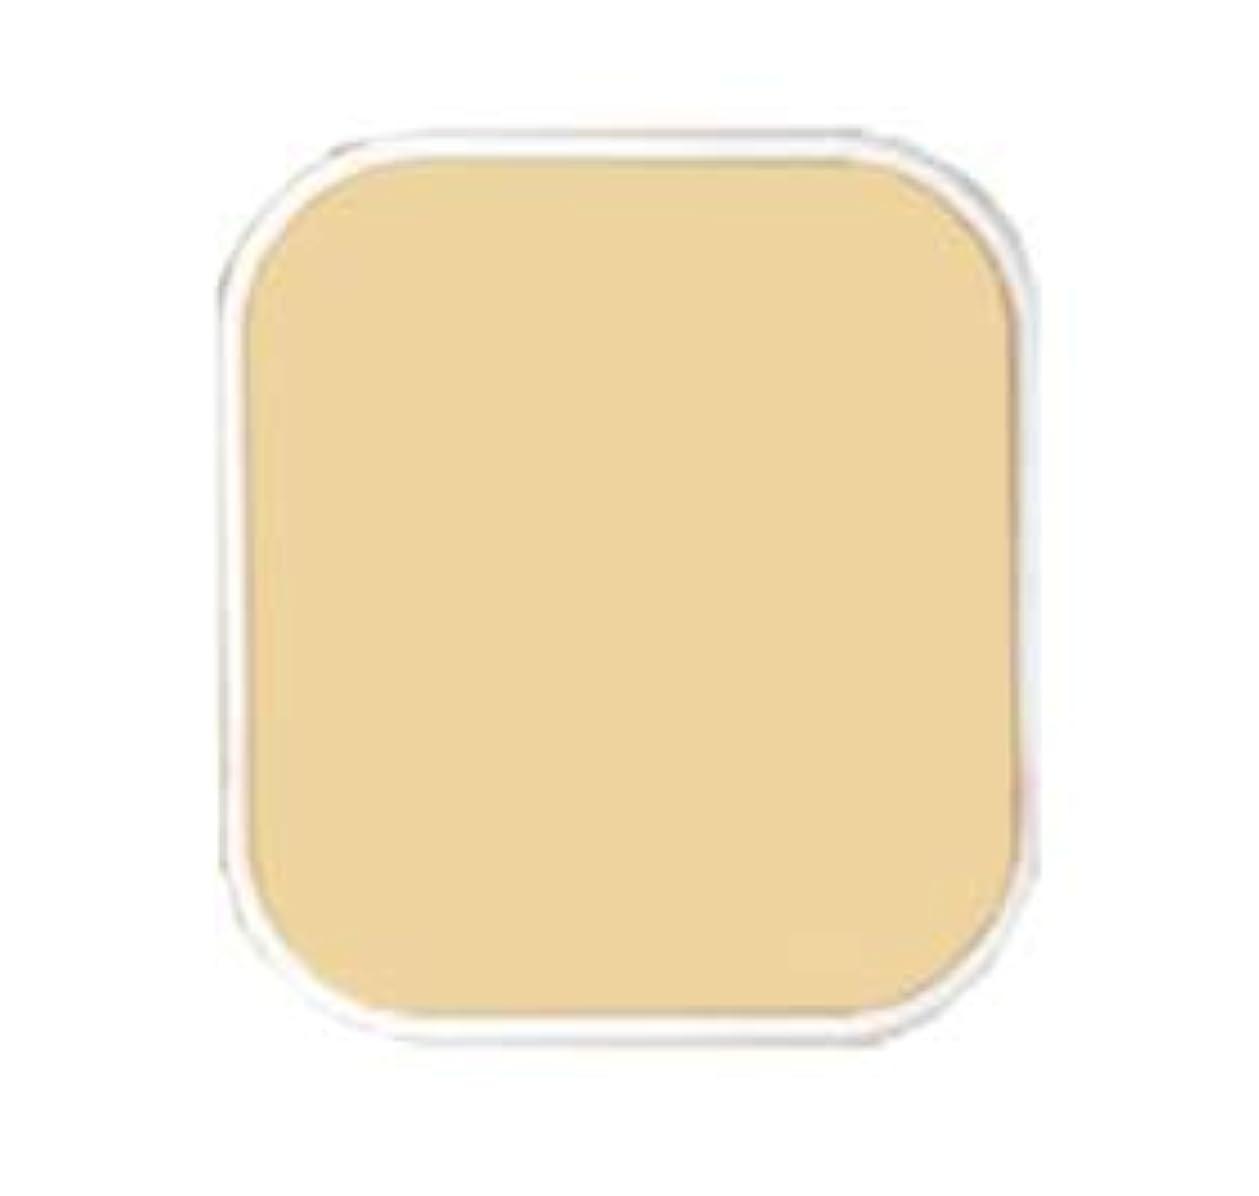 複合イタリック海外でアクセーヌ クリーミィファンデーションPV(リフィル)<O10明るいオークル系>※ケース別売り(11g)